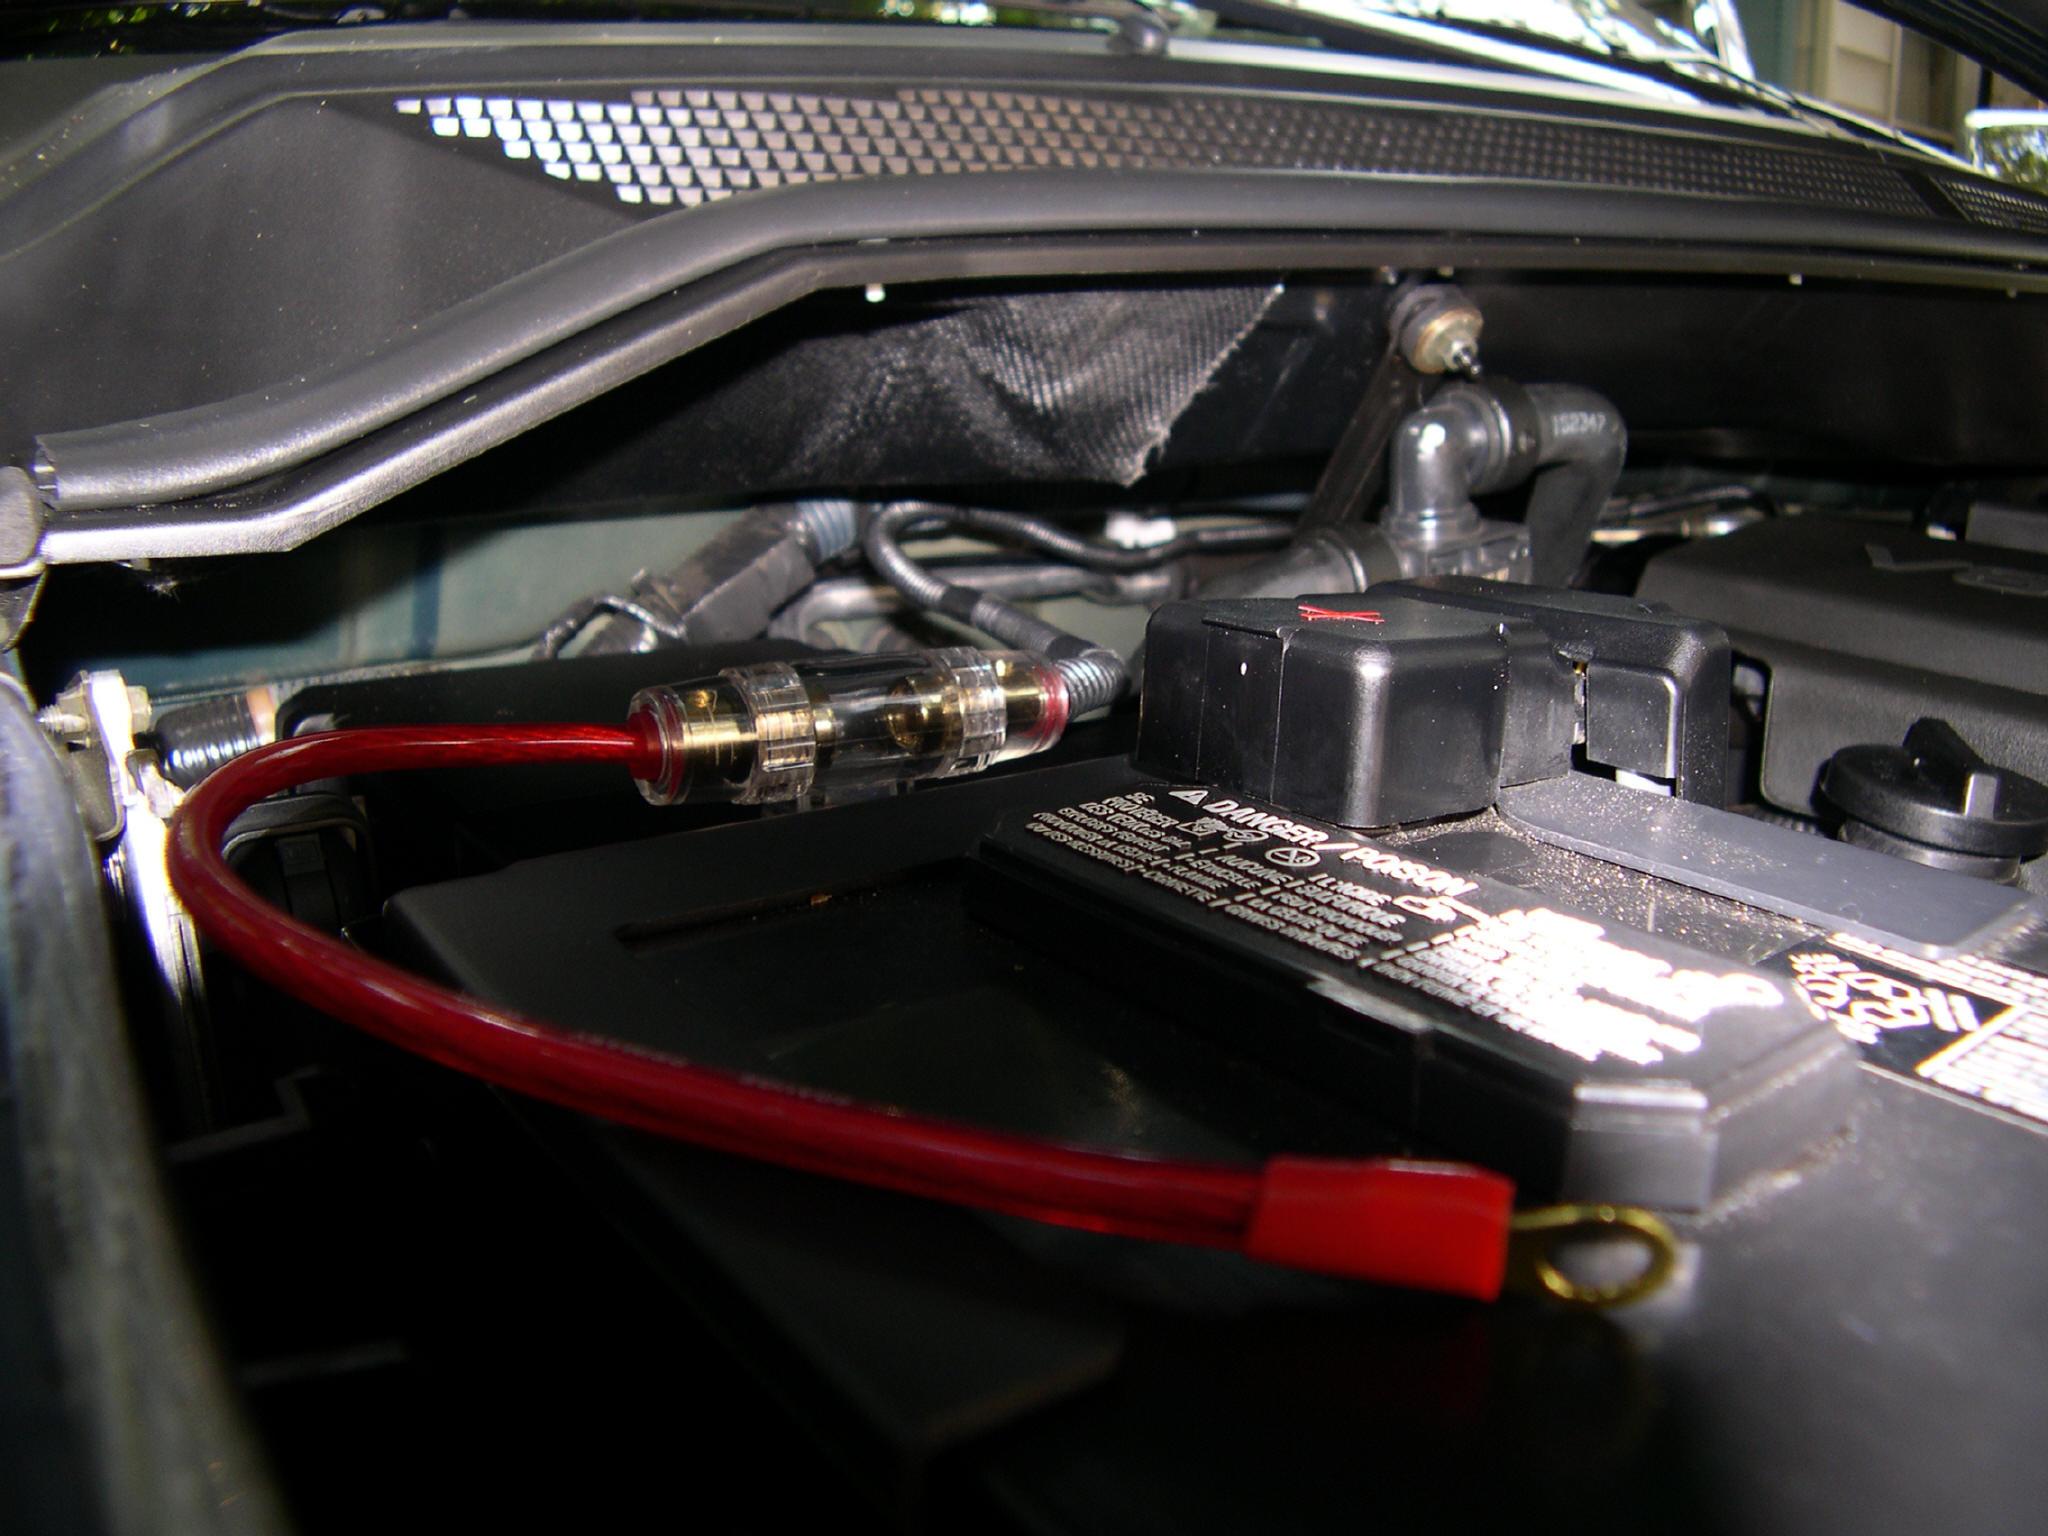 My Home Made Stealth Kc Box Nissan Titan Forum Jl Amp Wiring Schematics 10w3v2 20